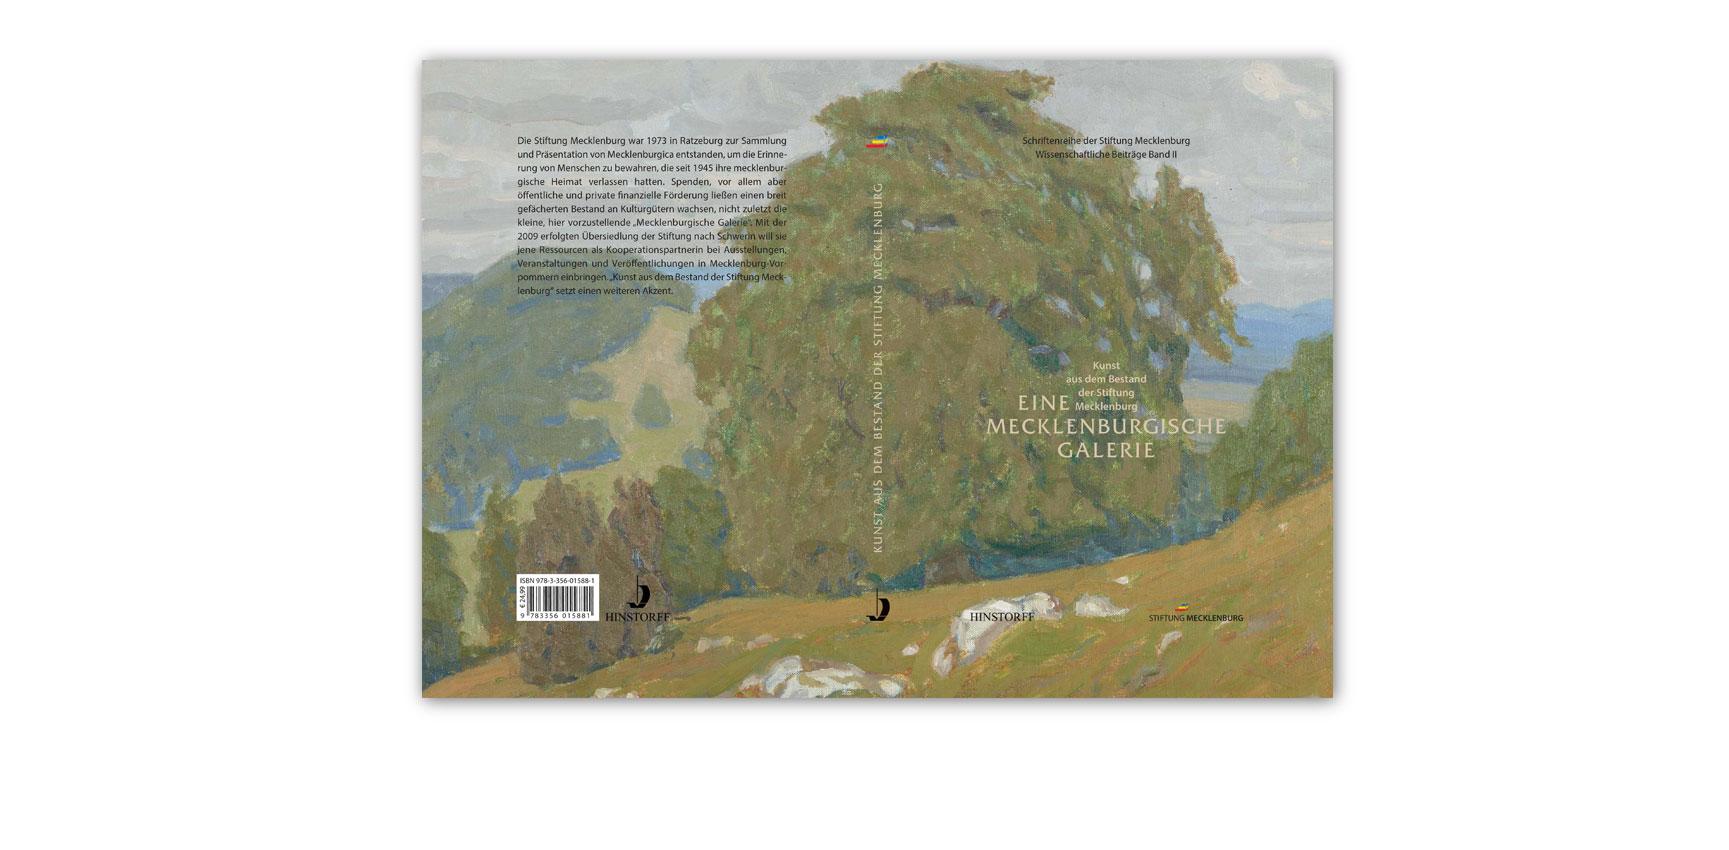 """""""Kunst aus dem Bestand der Stiftung Mecklenburg"""", Buchgestaltung"""